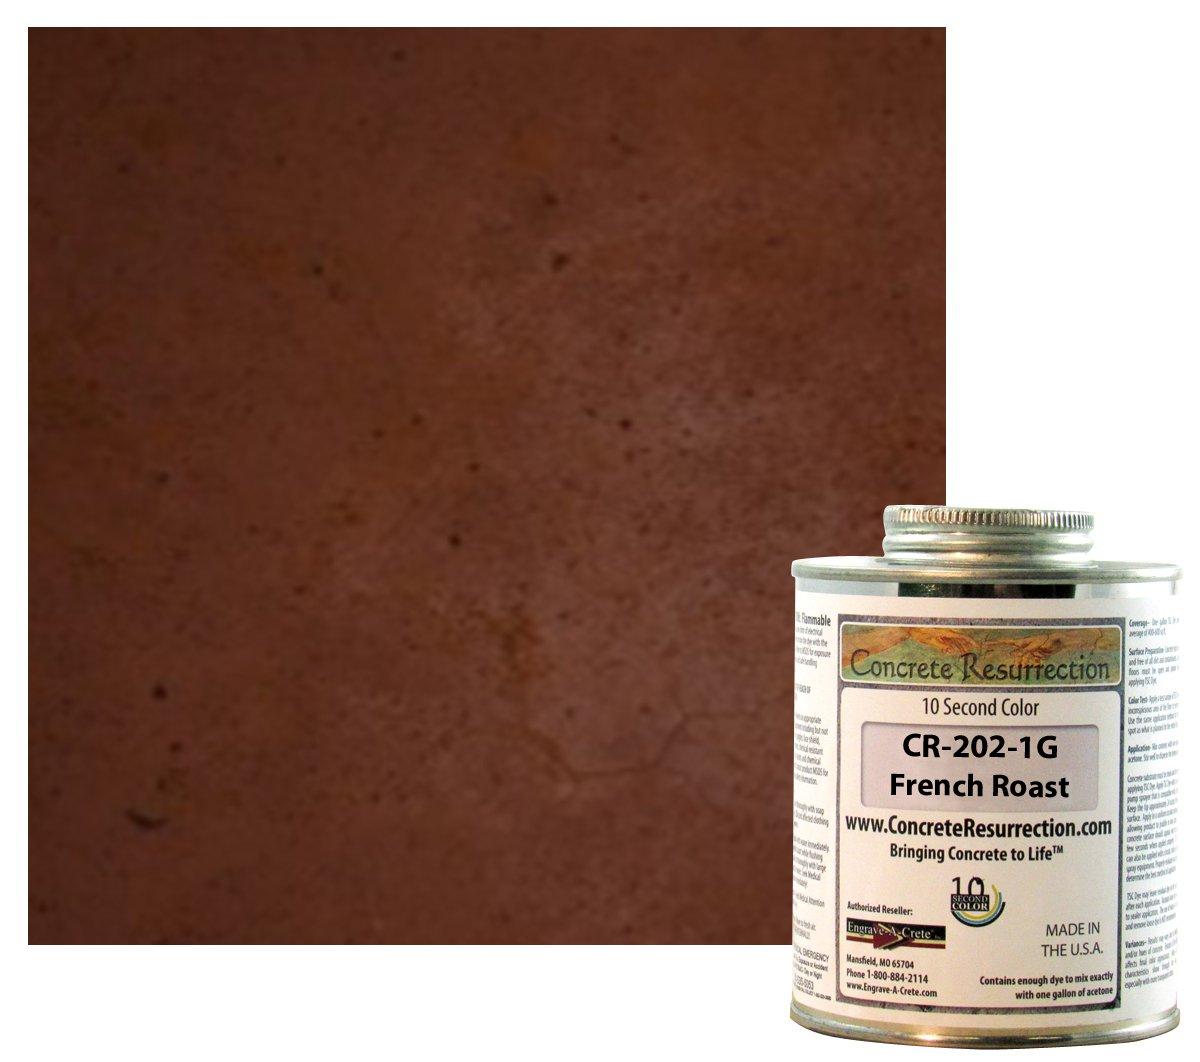 2番目色(TSC) コンクリートDye Concentrate Makes 1ガロンプロフェッショナルグレード、簡単に使用します。Brilliant太字色。半透明Cement Dye。Dries数秒で B073PJ3ZK1 フレンチロースト